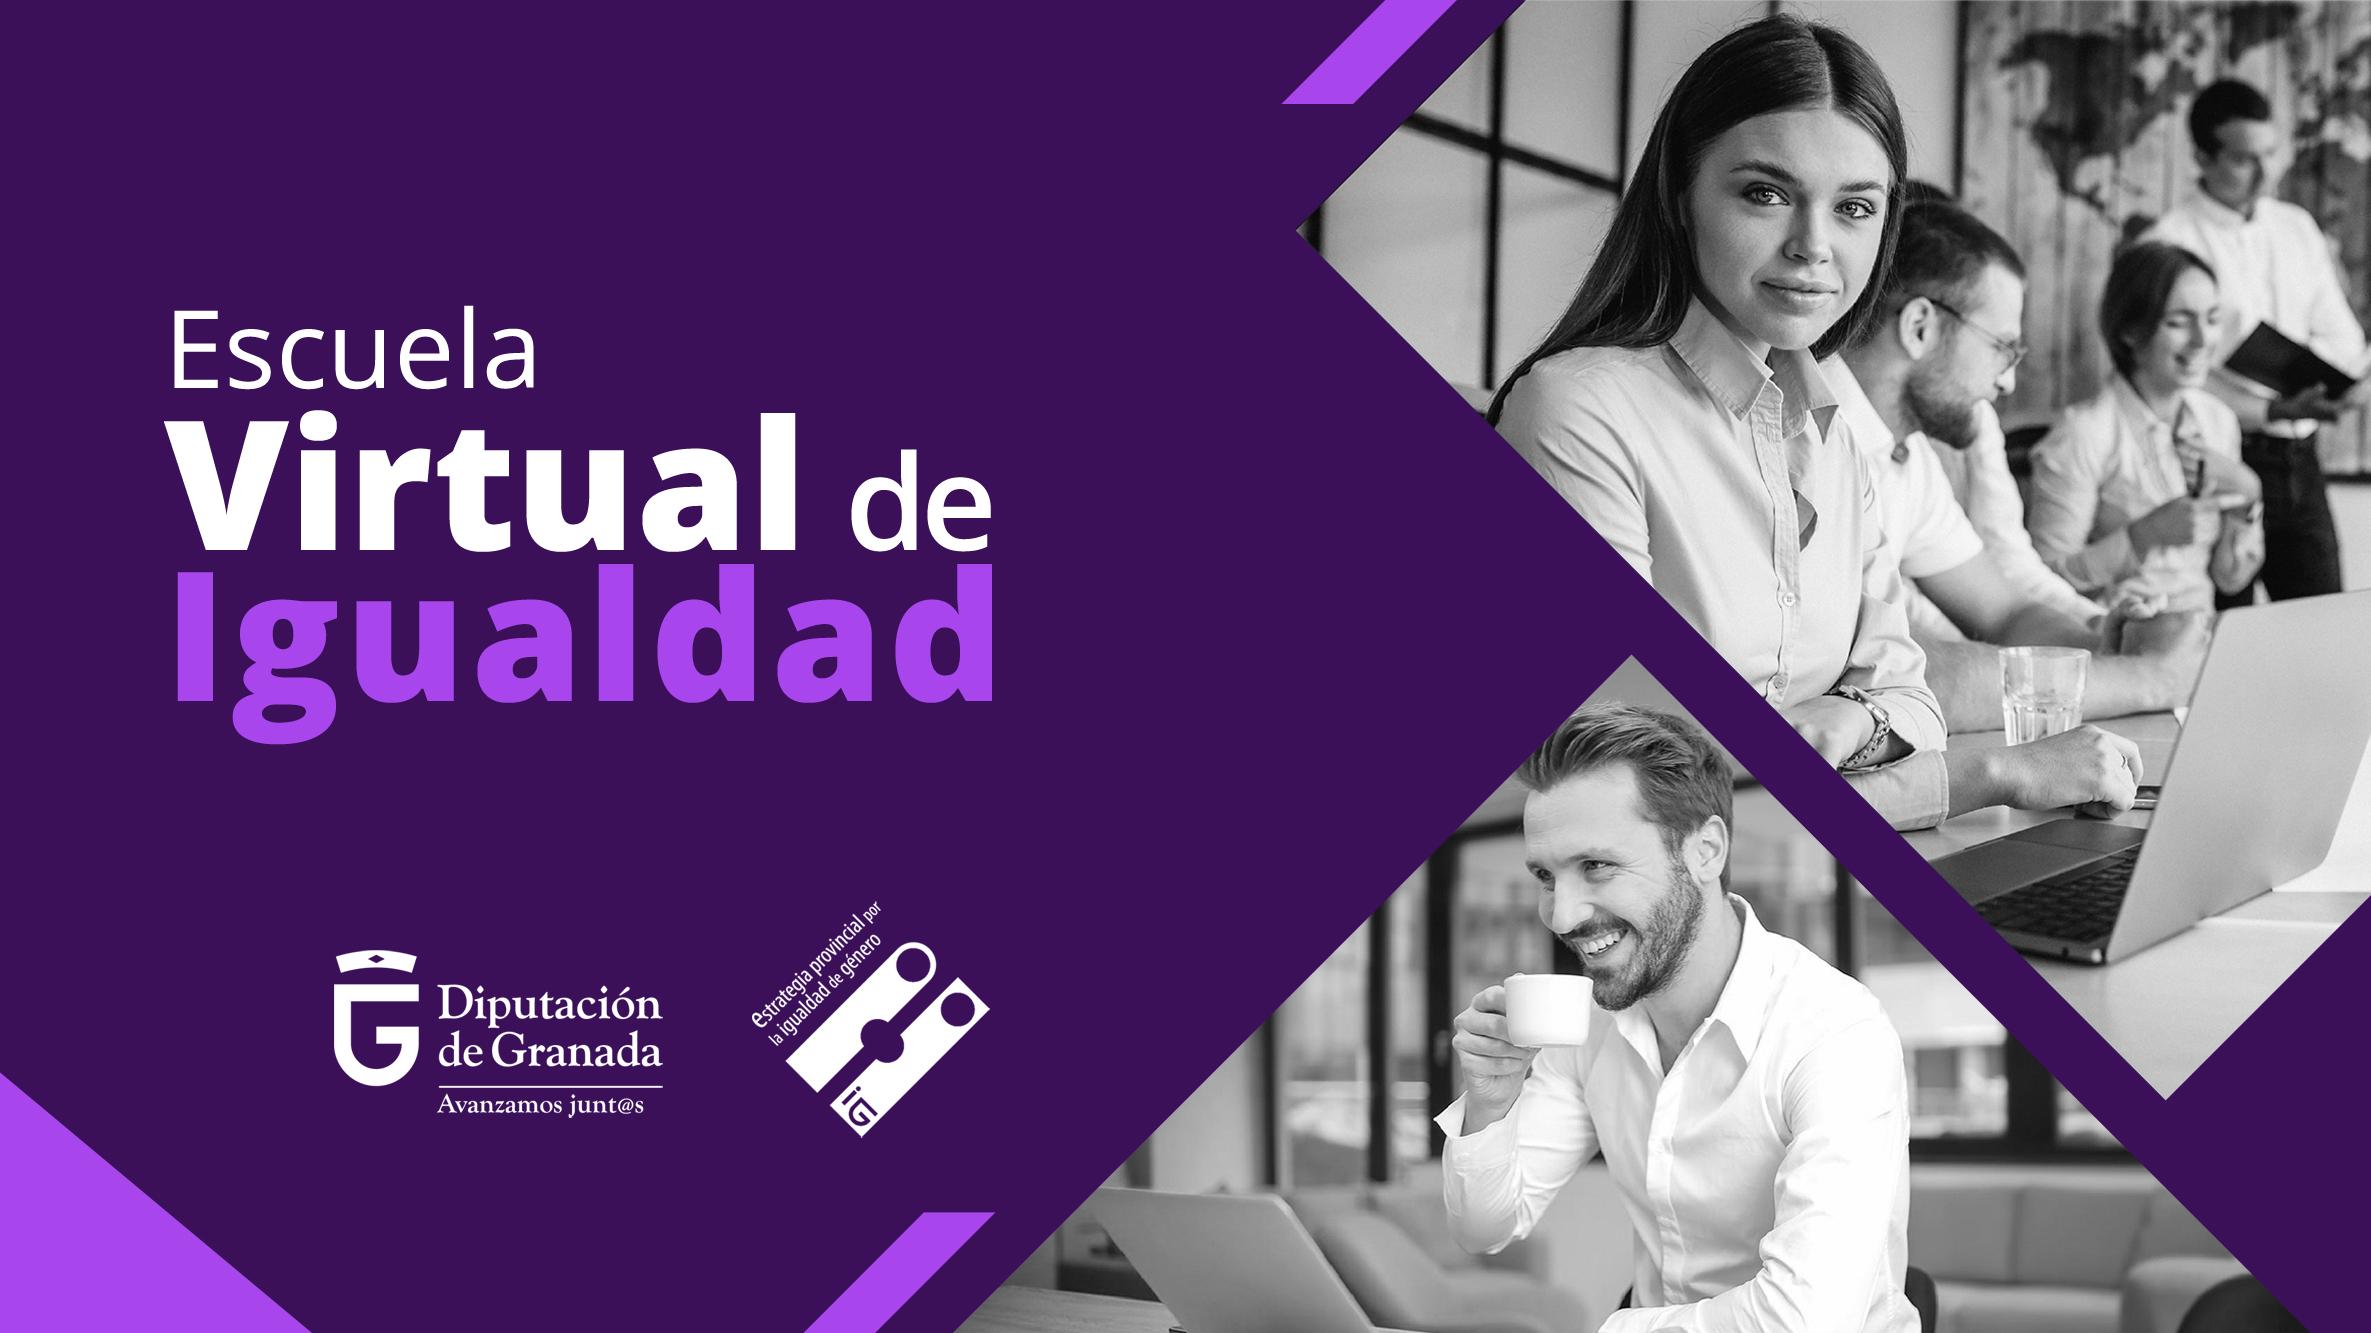 Diputación ofrece una segunda edición de cursos gratuitos sobre igualdad para toda la ciudadanía